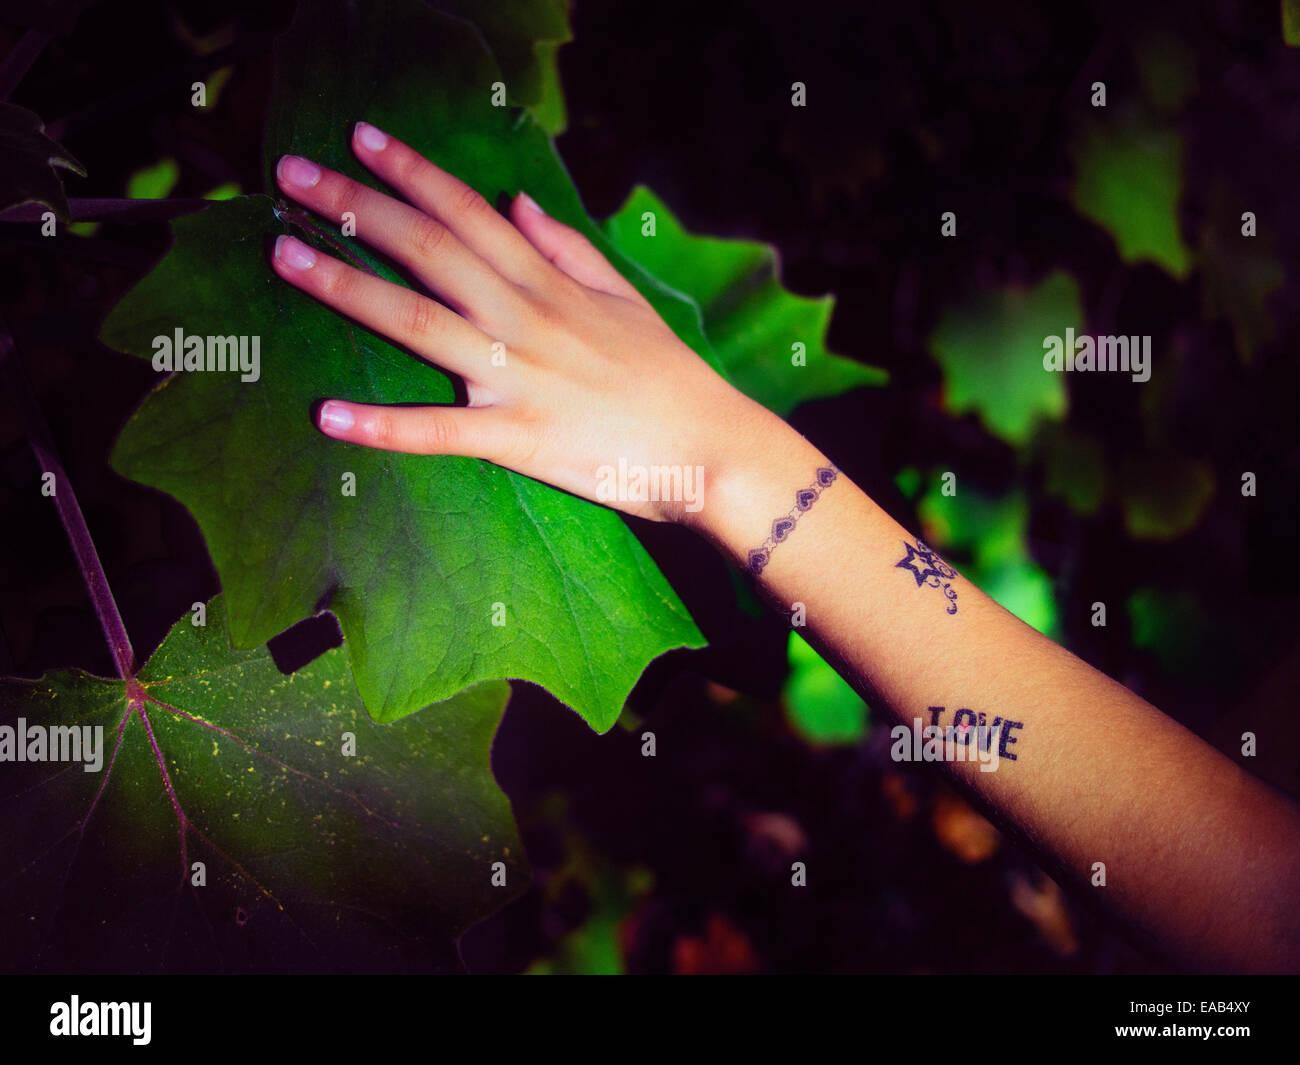 Fille avec le tatouage temporaire met la main sur leaf Banque D'Images